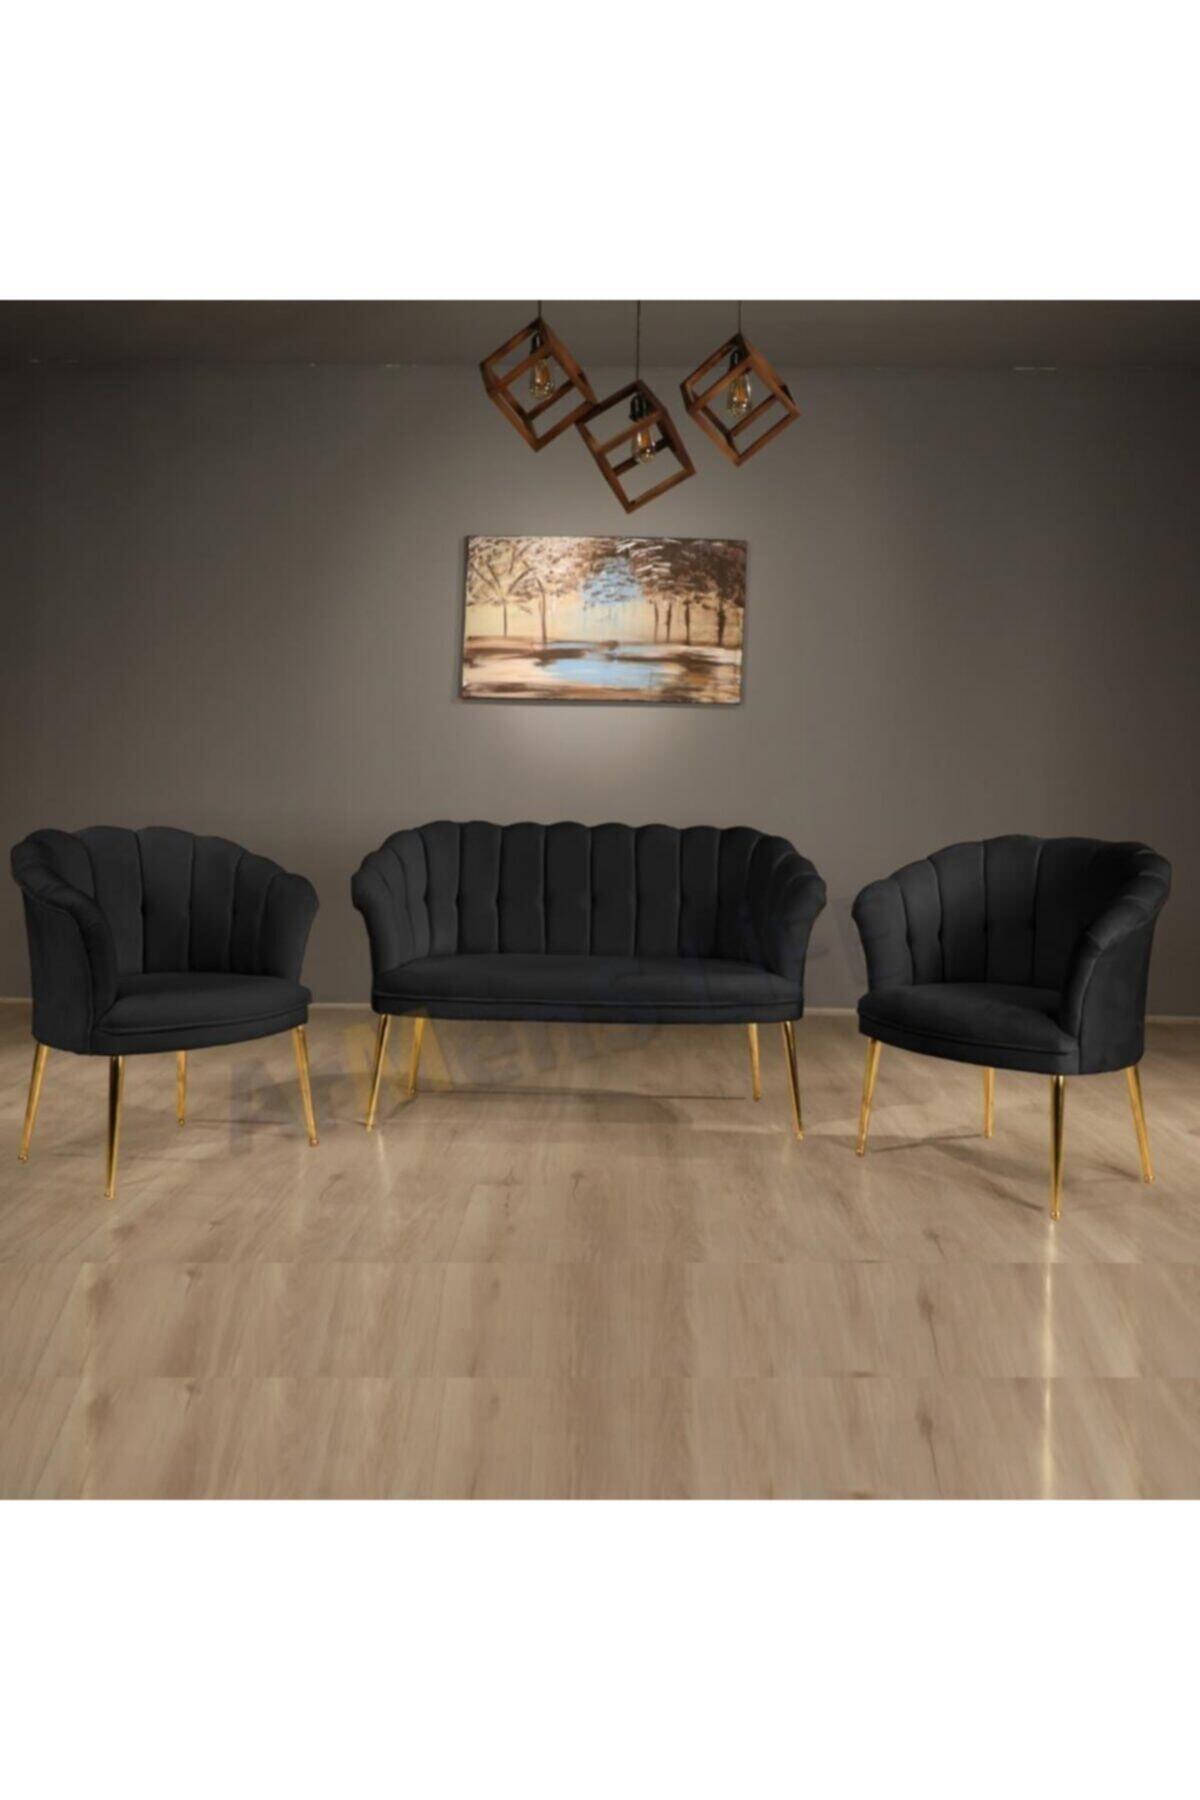 İndirim Çadırı Vinda Papatya Çay Seti Koltuk Takımı, Salon Balkon Takımı-2+1+1 1